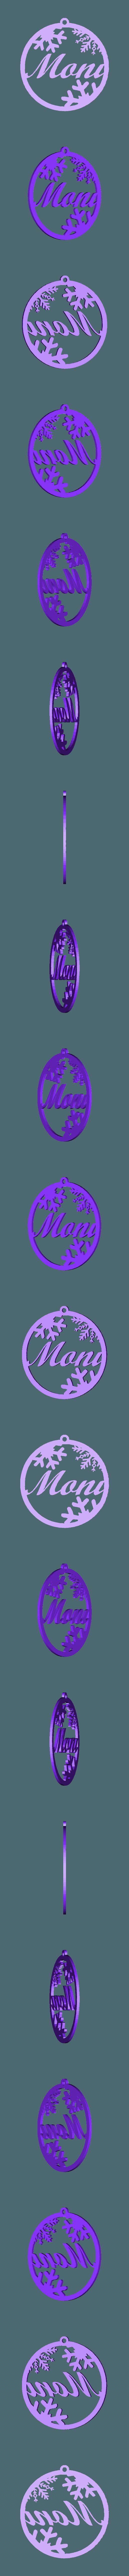 Moni.stl Télécharger fichier STL gratuit décoration de Noël • Objet à imprimer en 3D, Centro3D